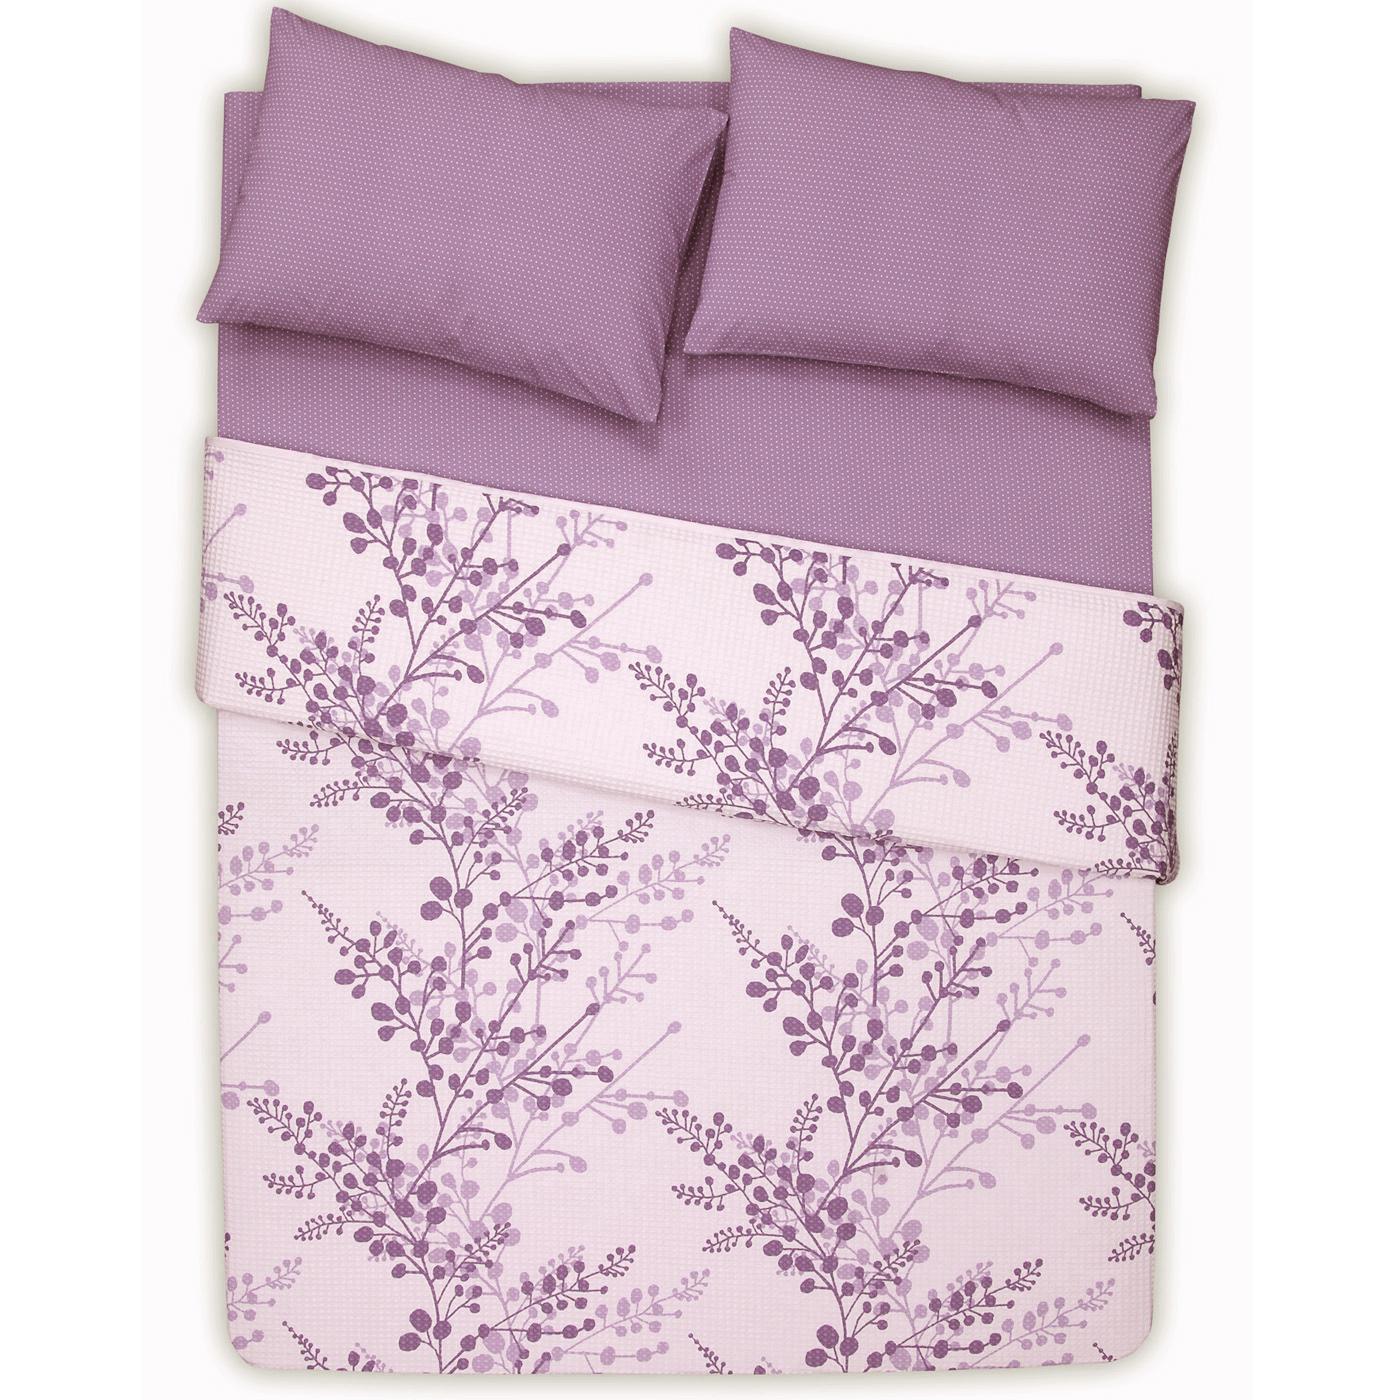 Купить Комплект постельного белья Twings Purple Euro, inmyroom, Турция